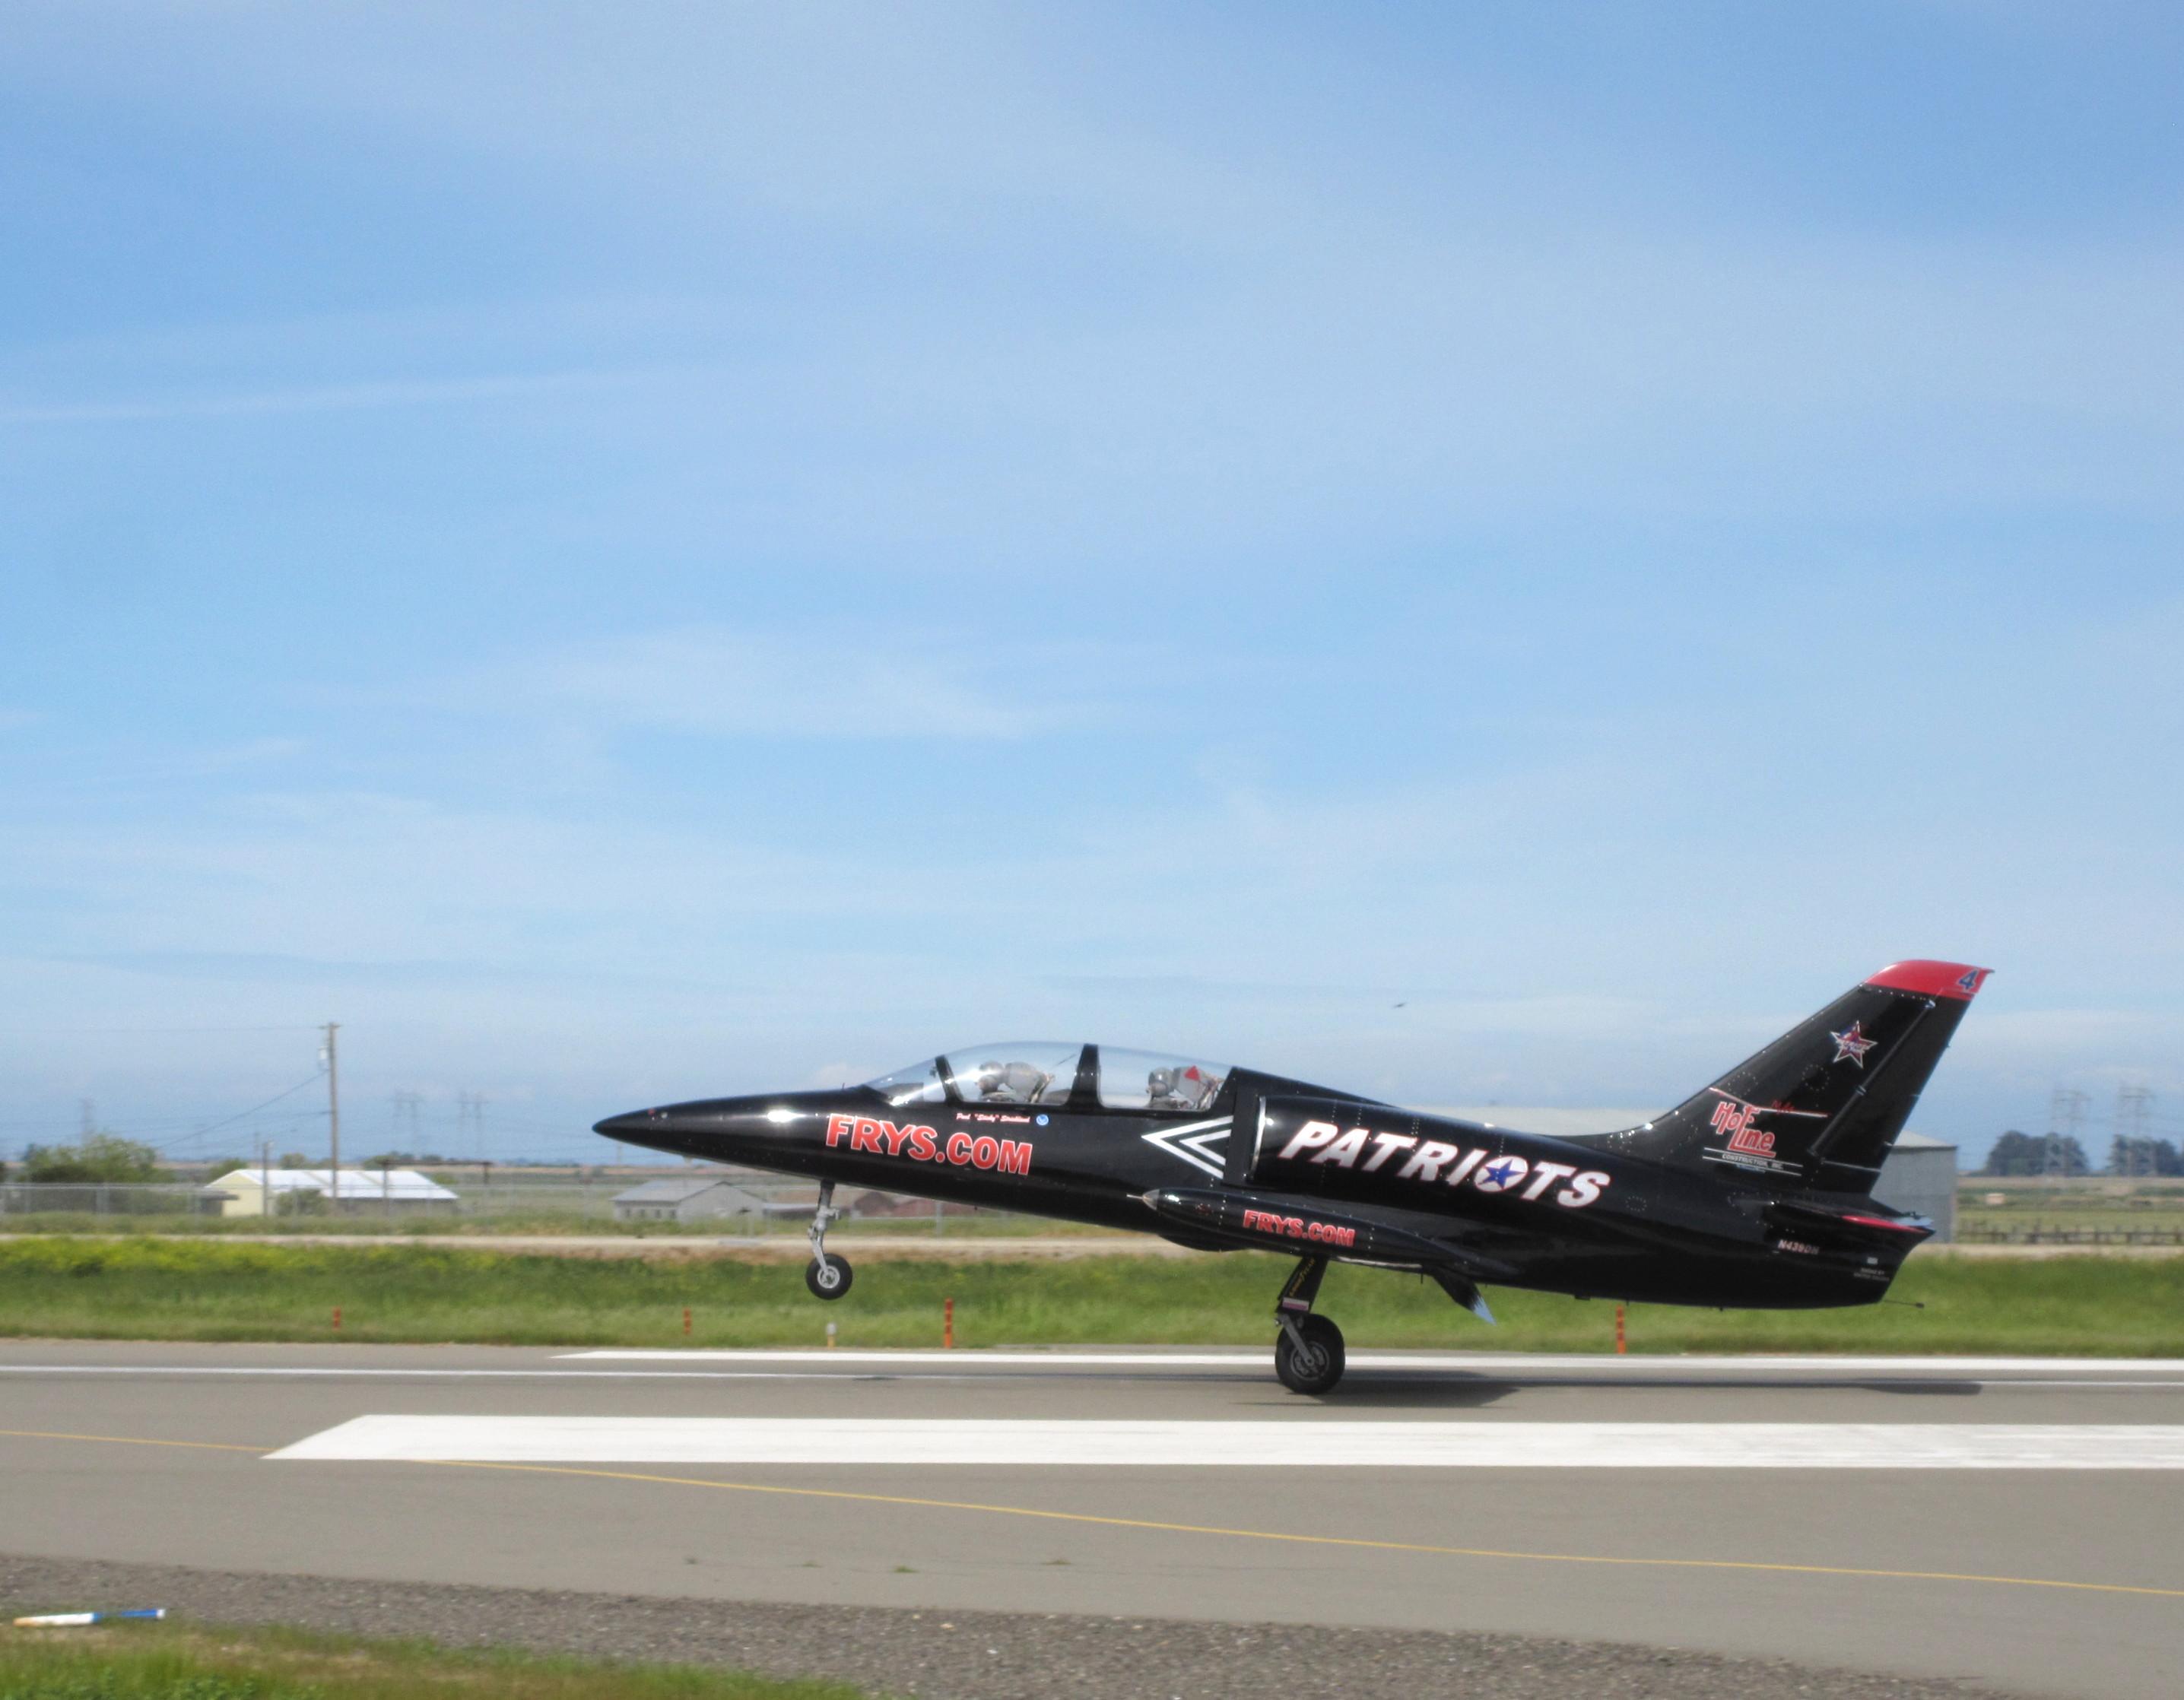 bmpd - Самолет L-